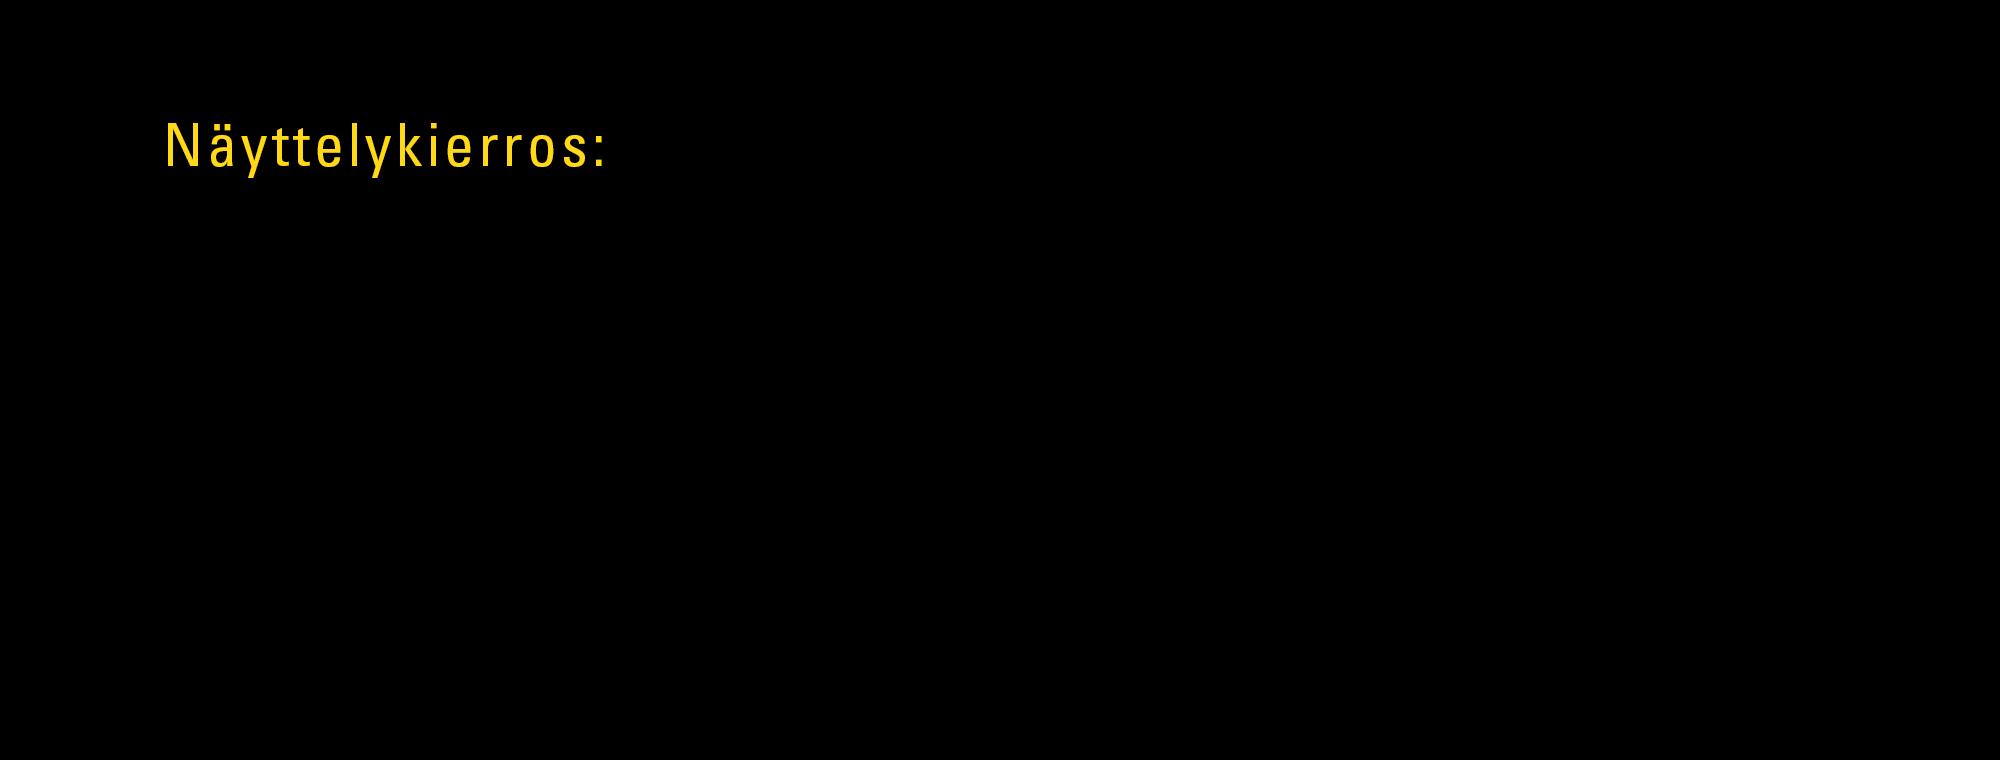 Vaiettu